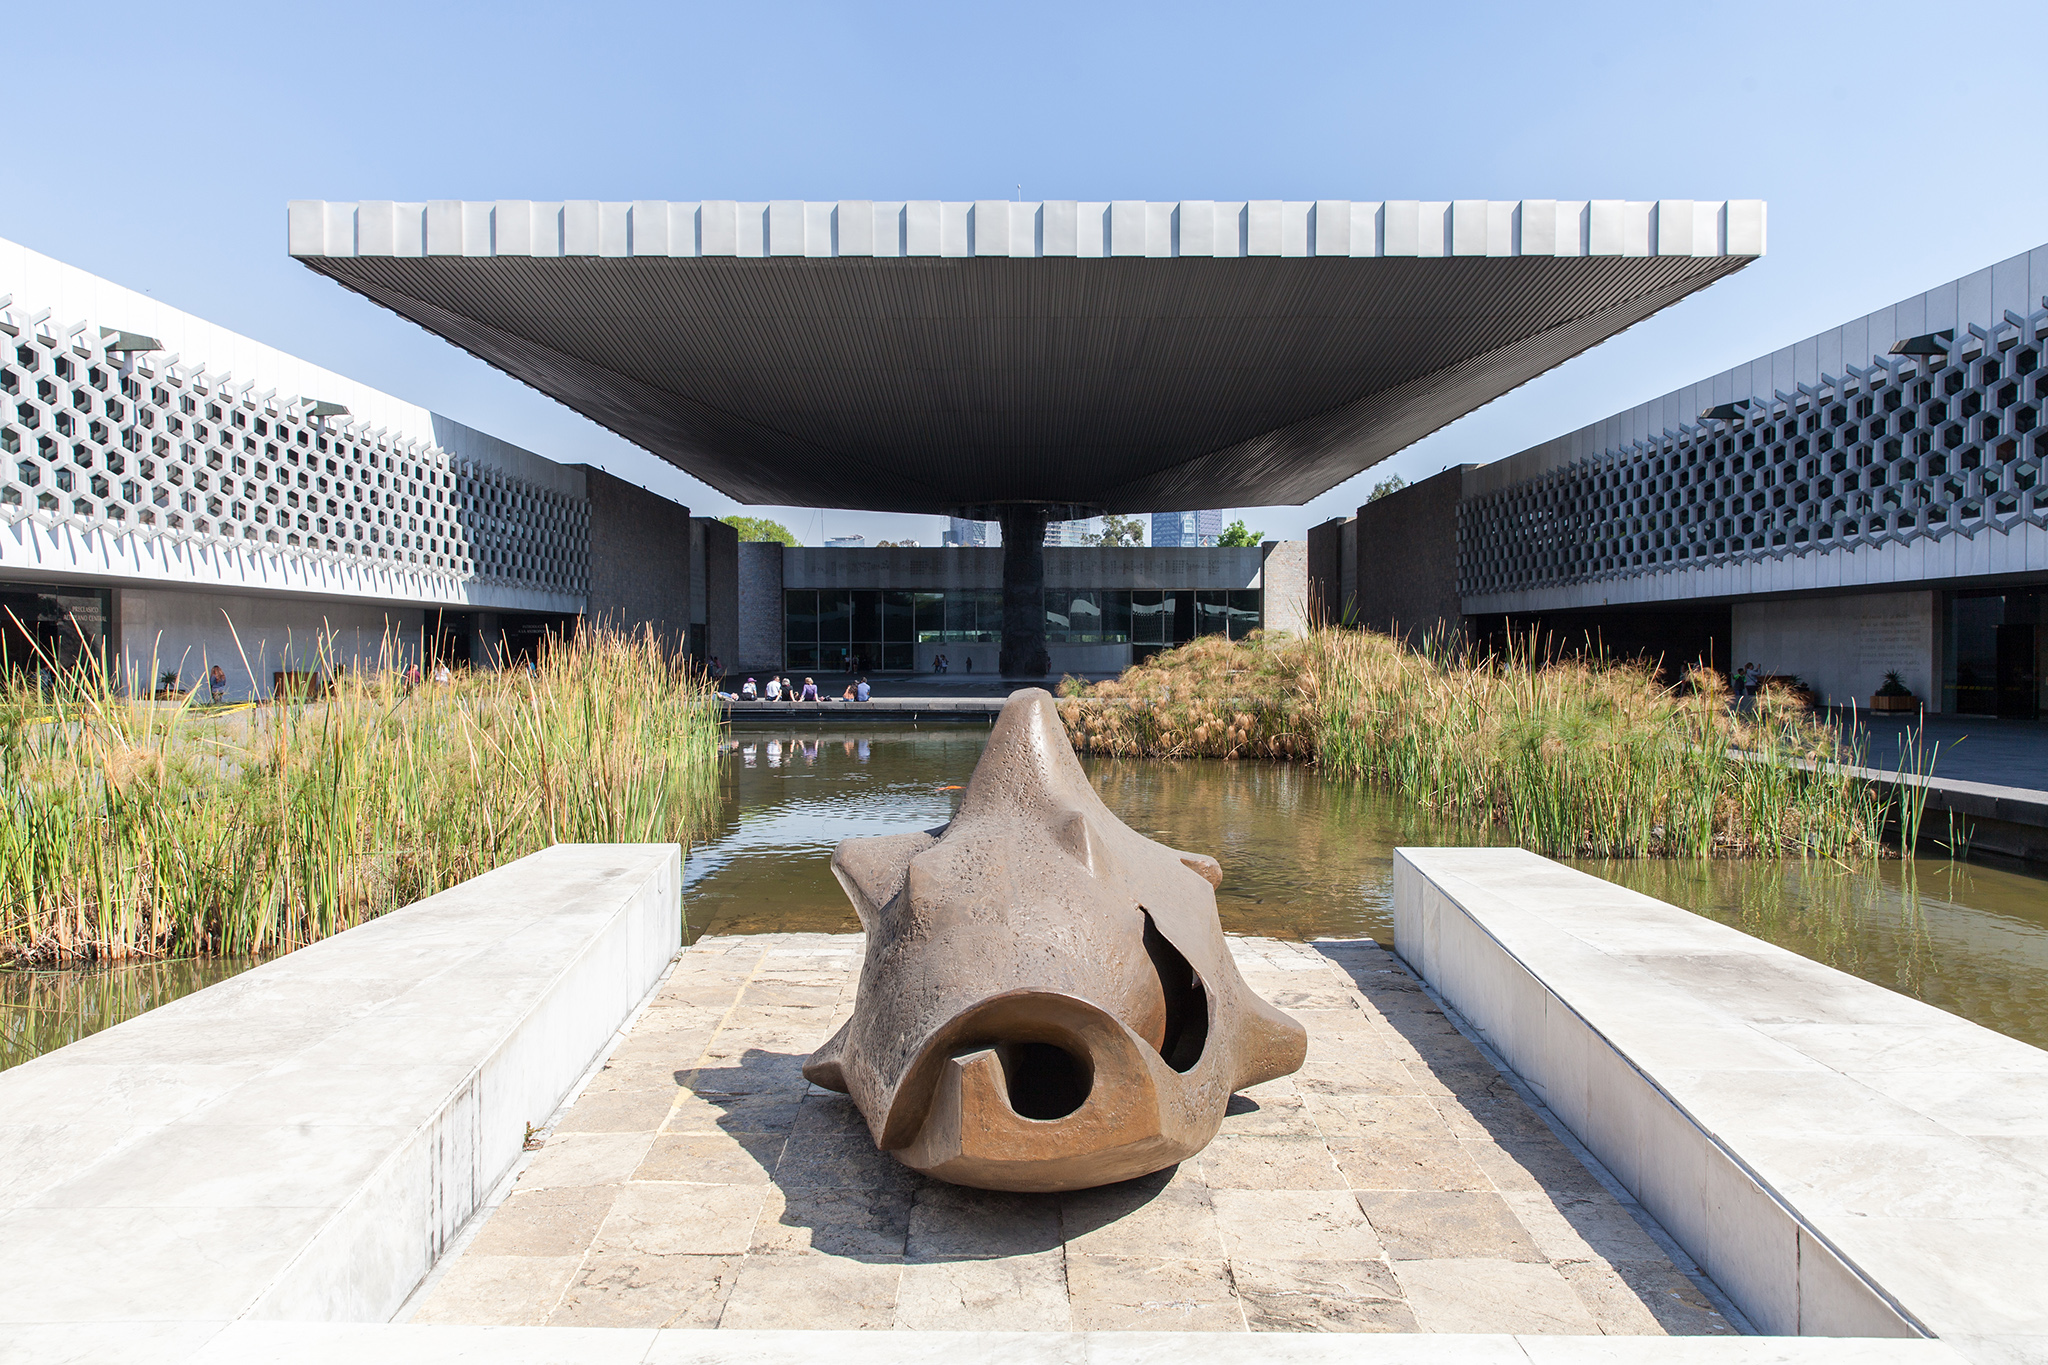 Gorgeous architecture at Museo Nacional de Antropología